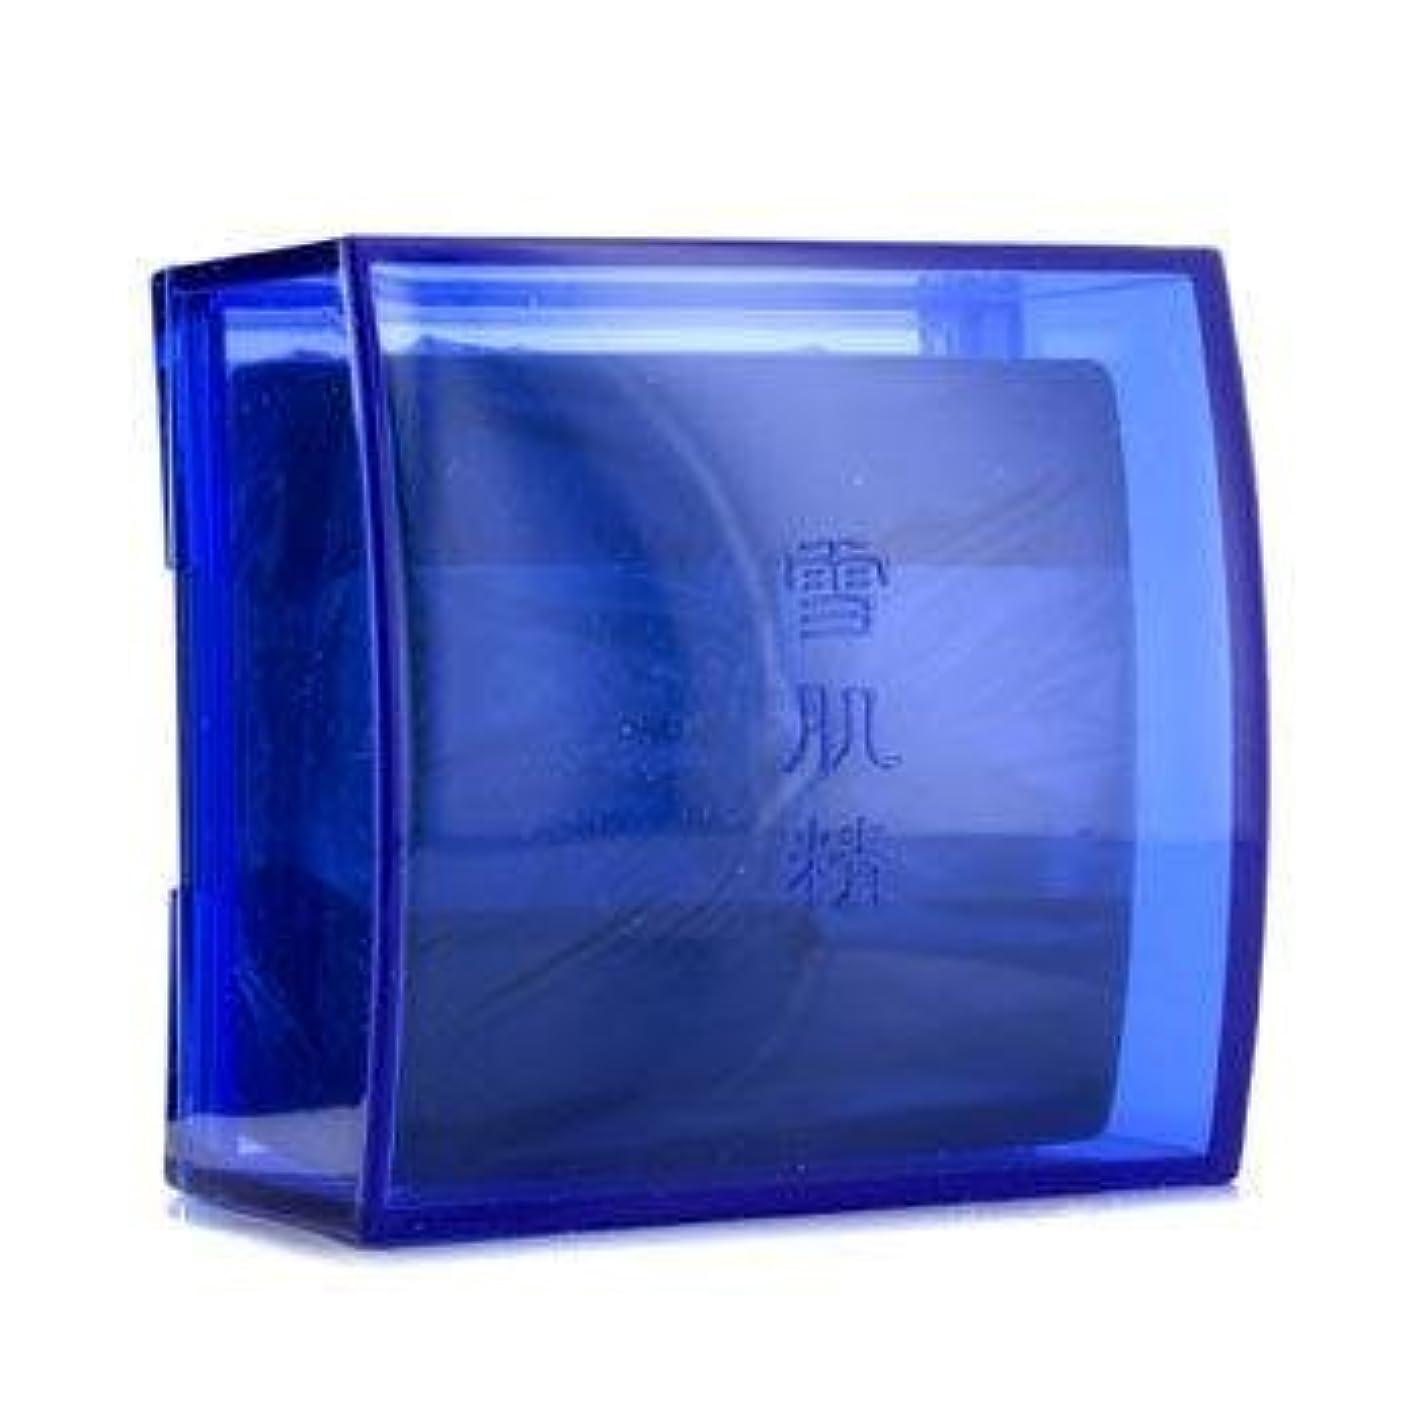 ヒゲソビエトパノラマコーセー 清肌晶ソープ ケース付 120g/4.2oz